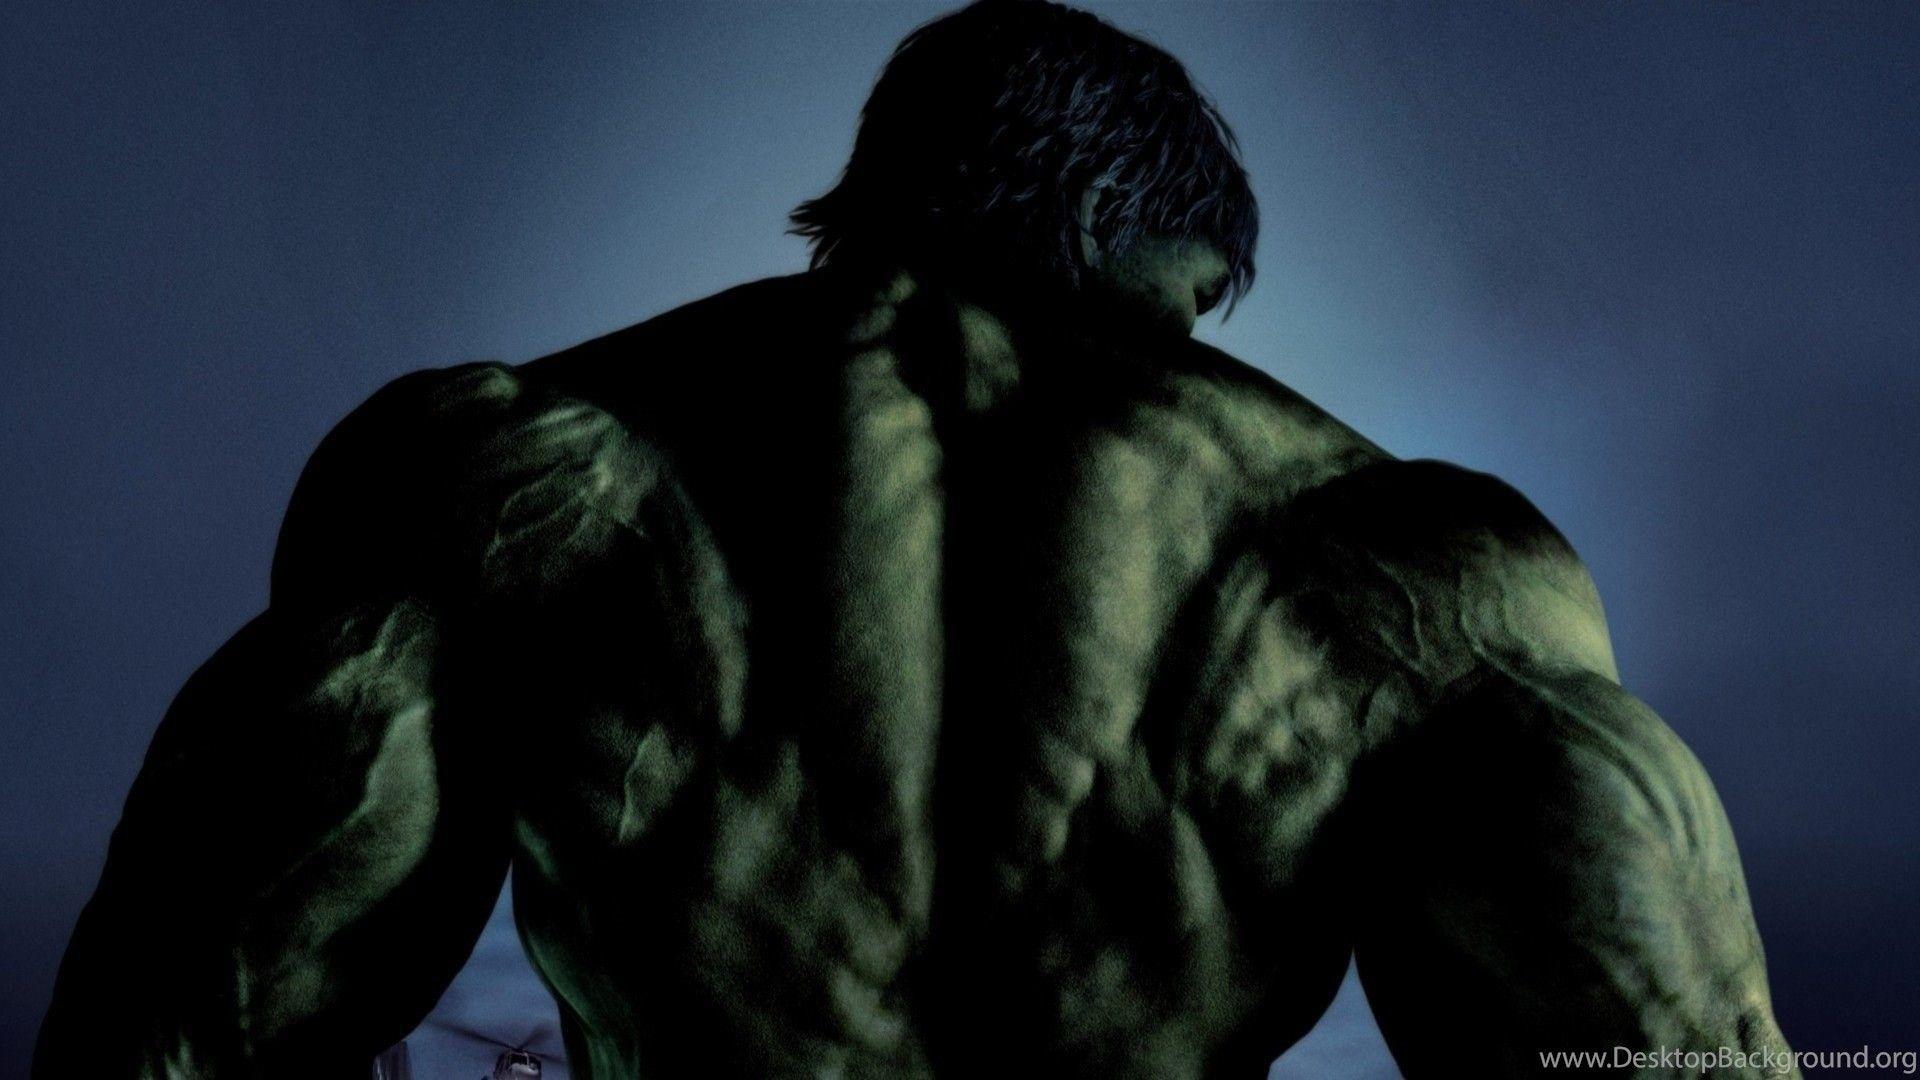 Dark Hulk Wallpaper HD for Macbook 4 ...